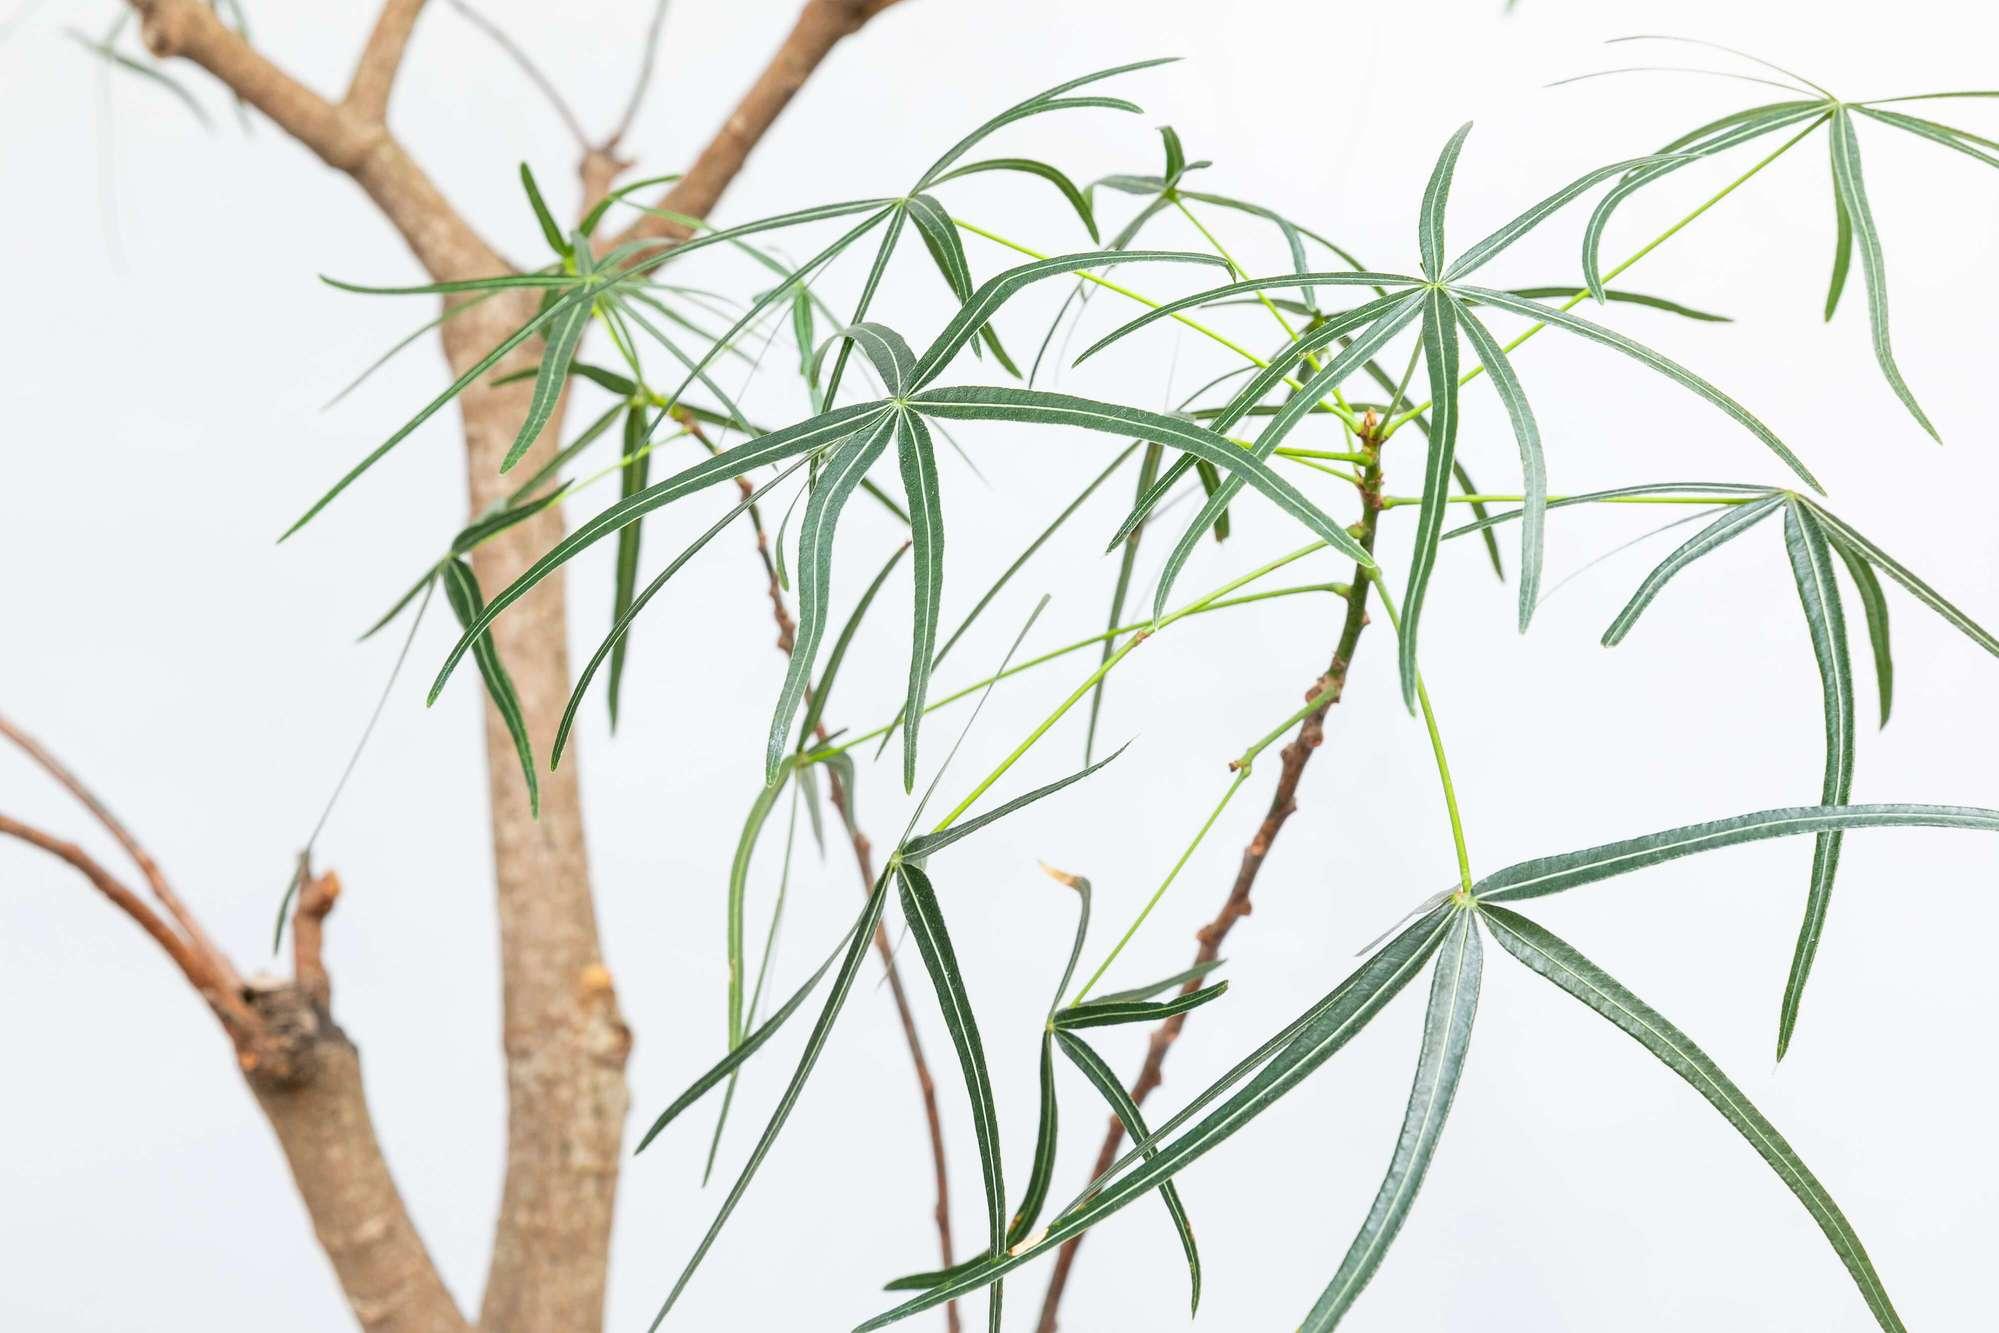 ブラキチトン・ルペストリス ボトルツリー 観葉植物 インテリアグリーン